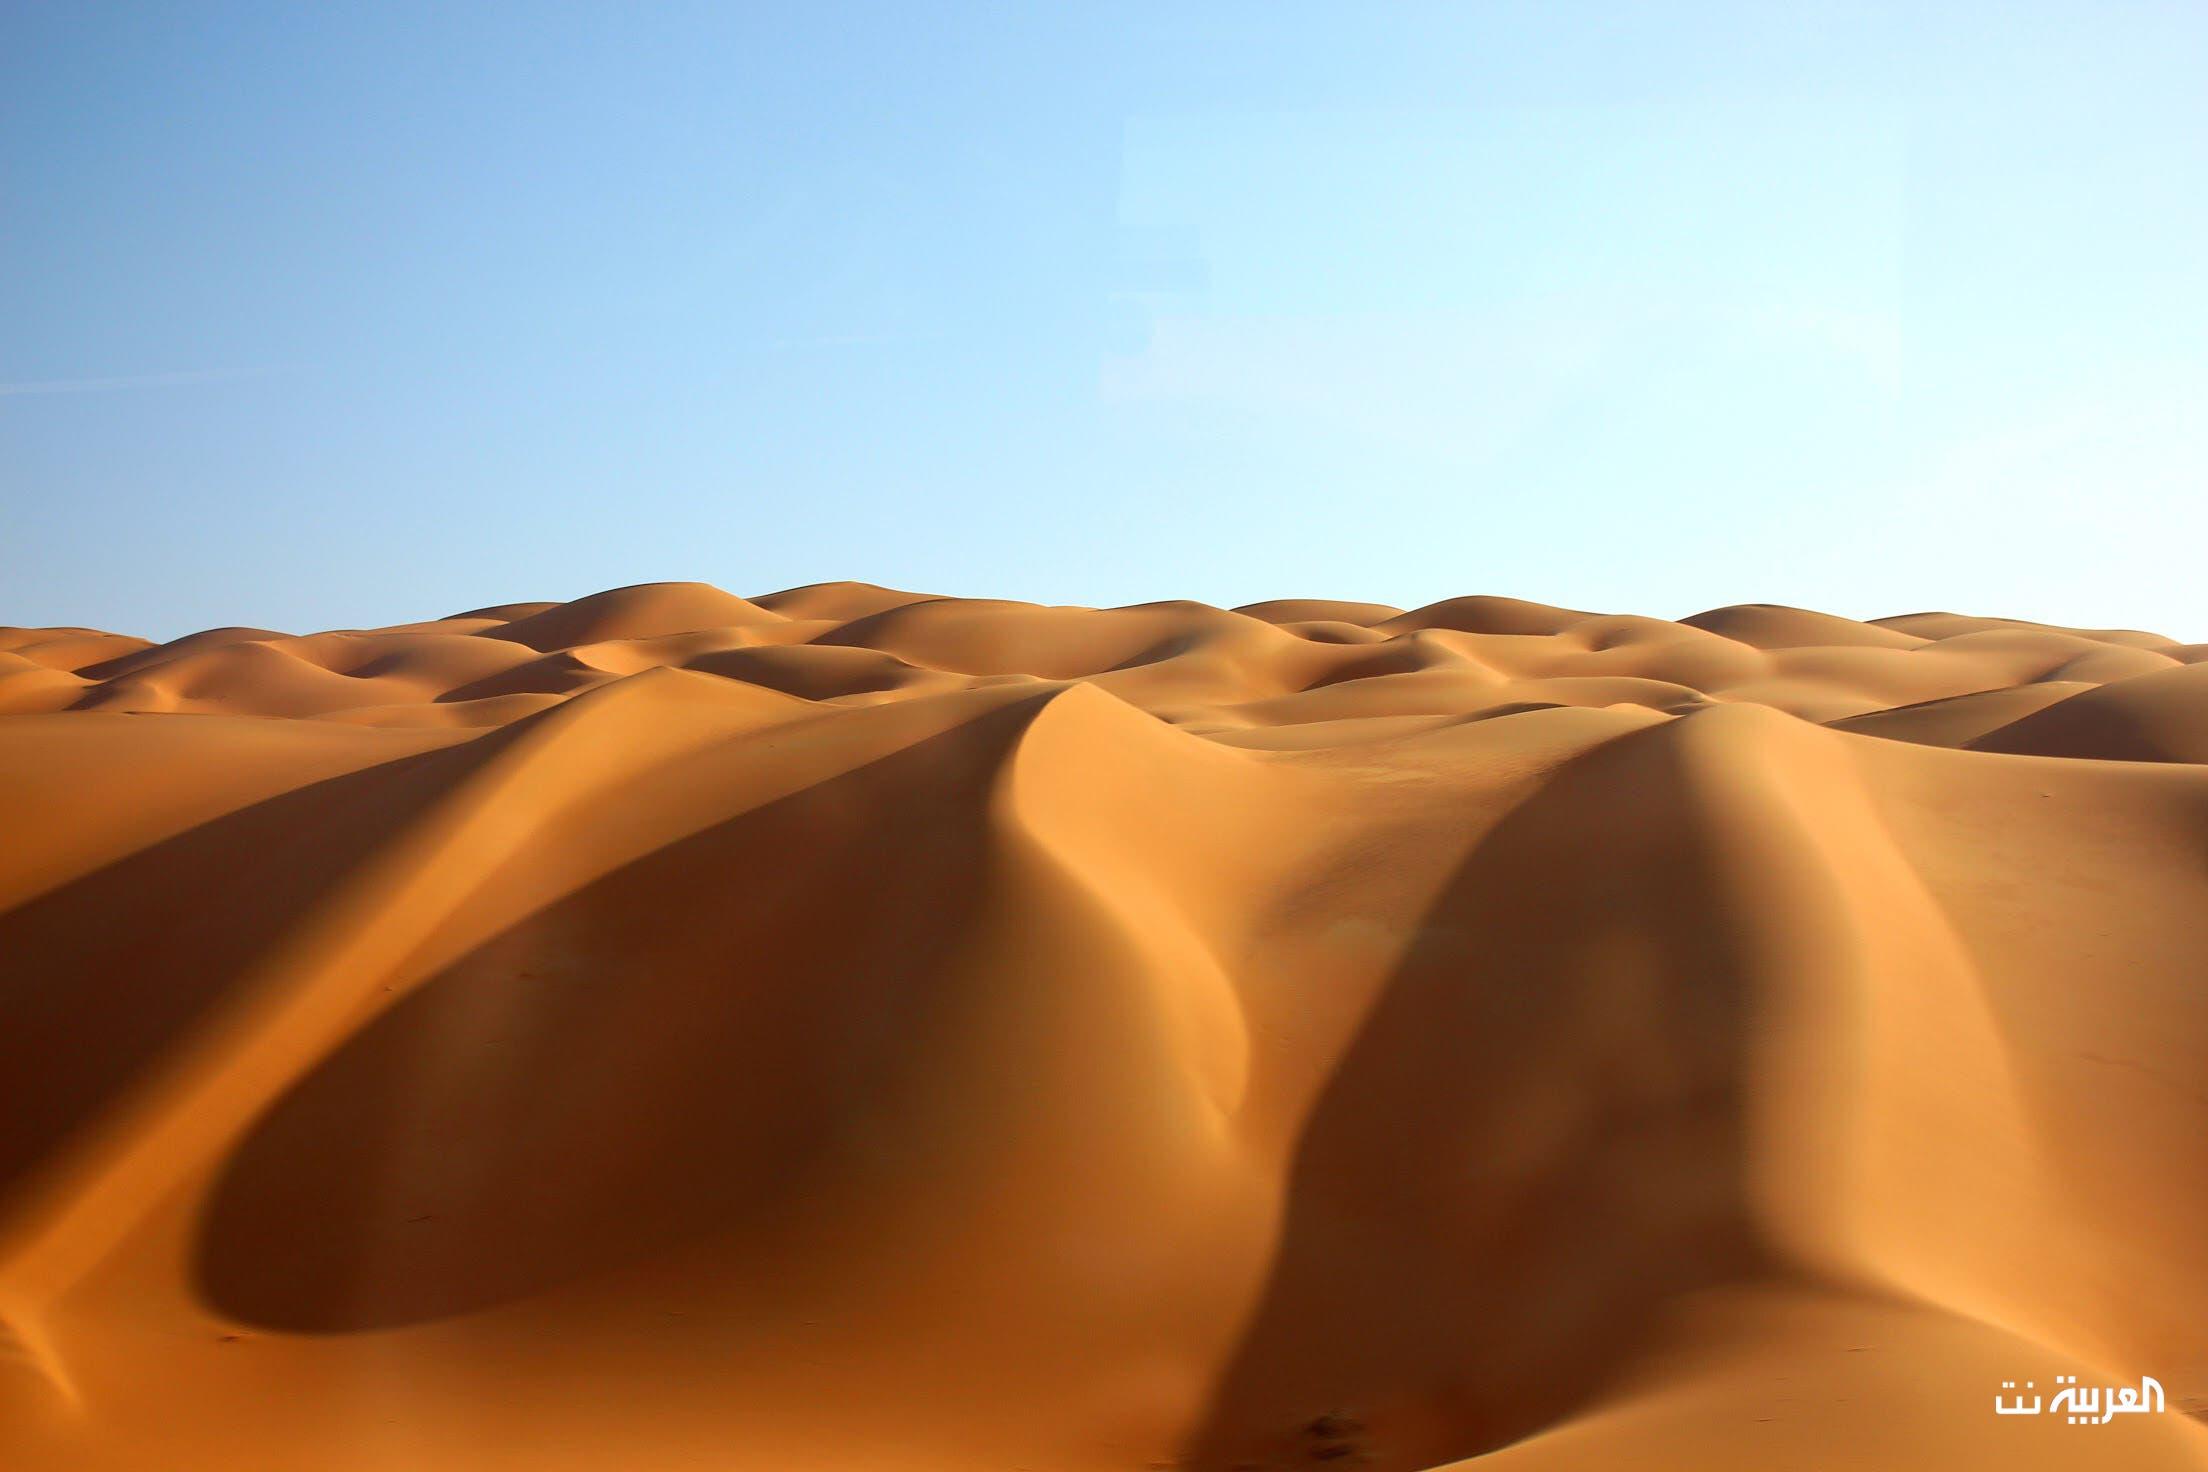 هدوء الصحراء وسحرها ينسيان كيارا وزوجها ضجيج المدينة